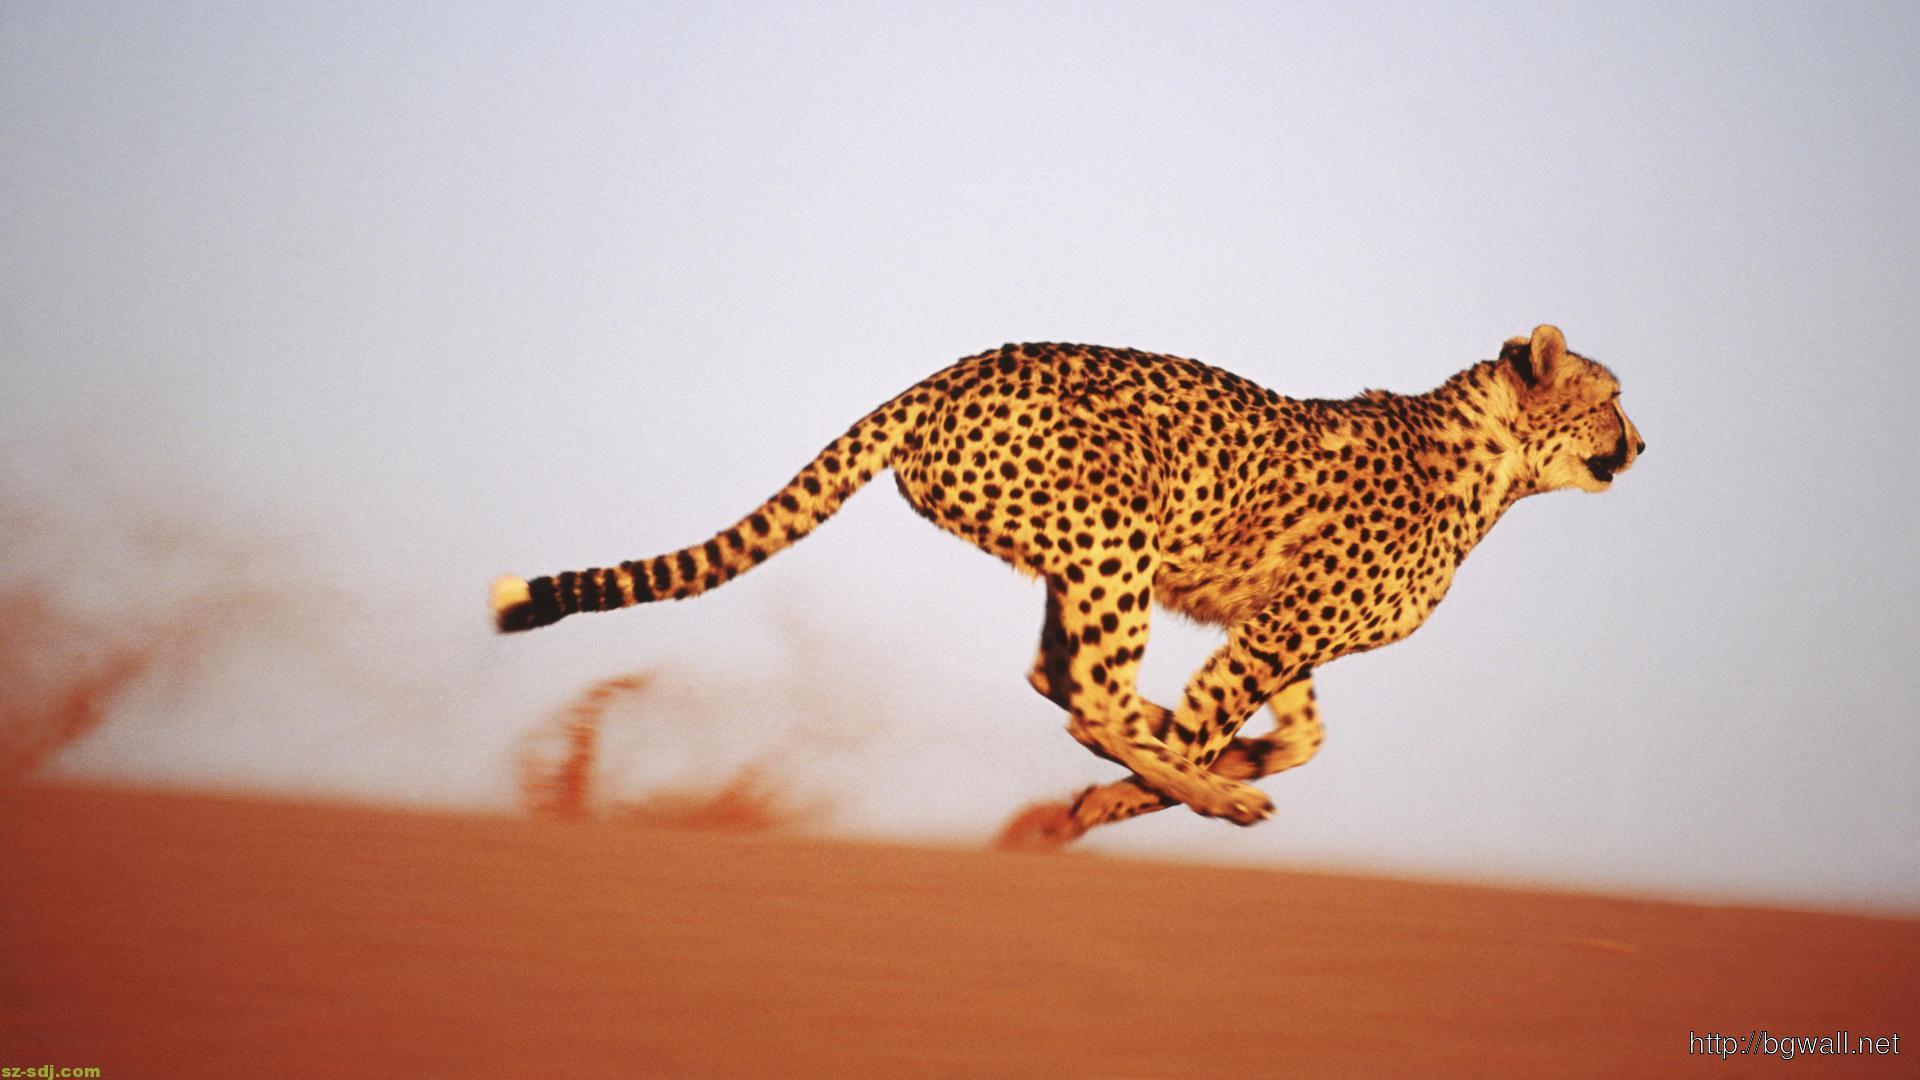 Cheetah Running Speed Wallpaper Background Wallpaper HD